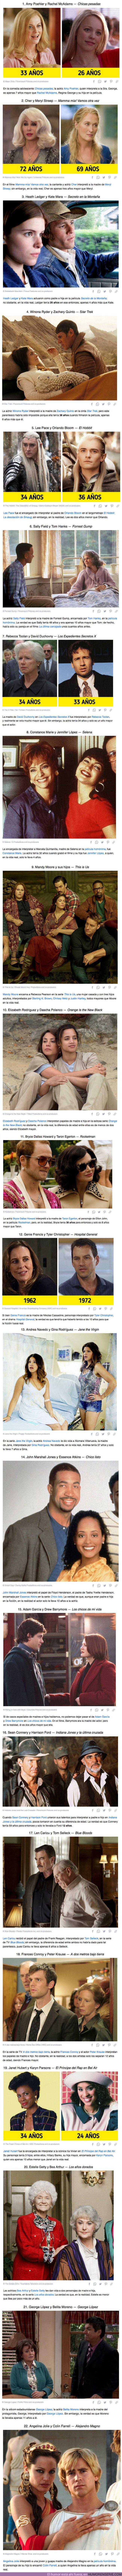 66640 - GALERÍA: 20+ Pares de actores que interpretaron a padres e hijos, pero su rango de edad real es un disparate